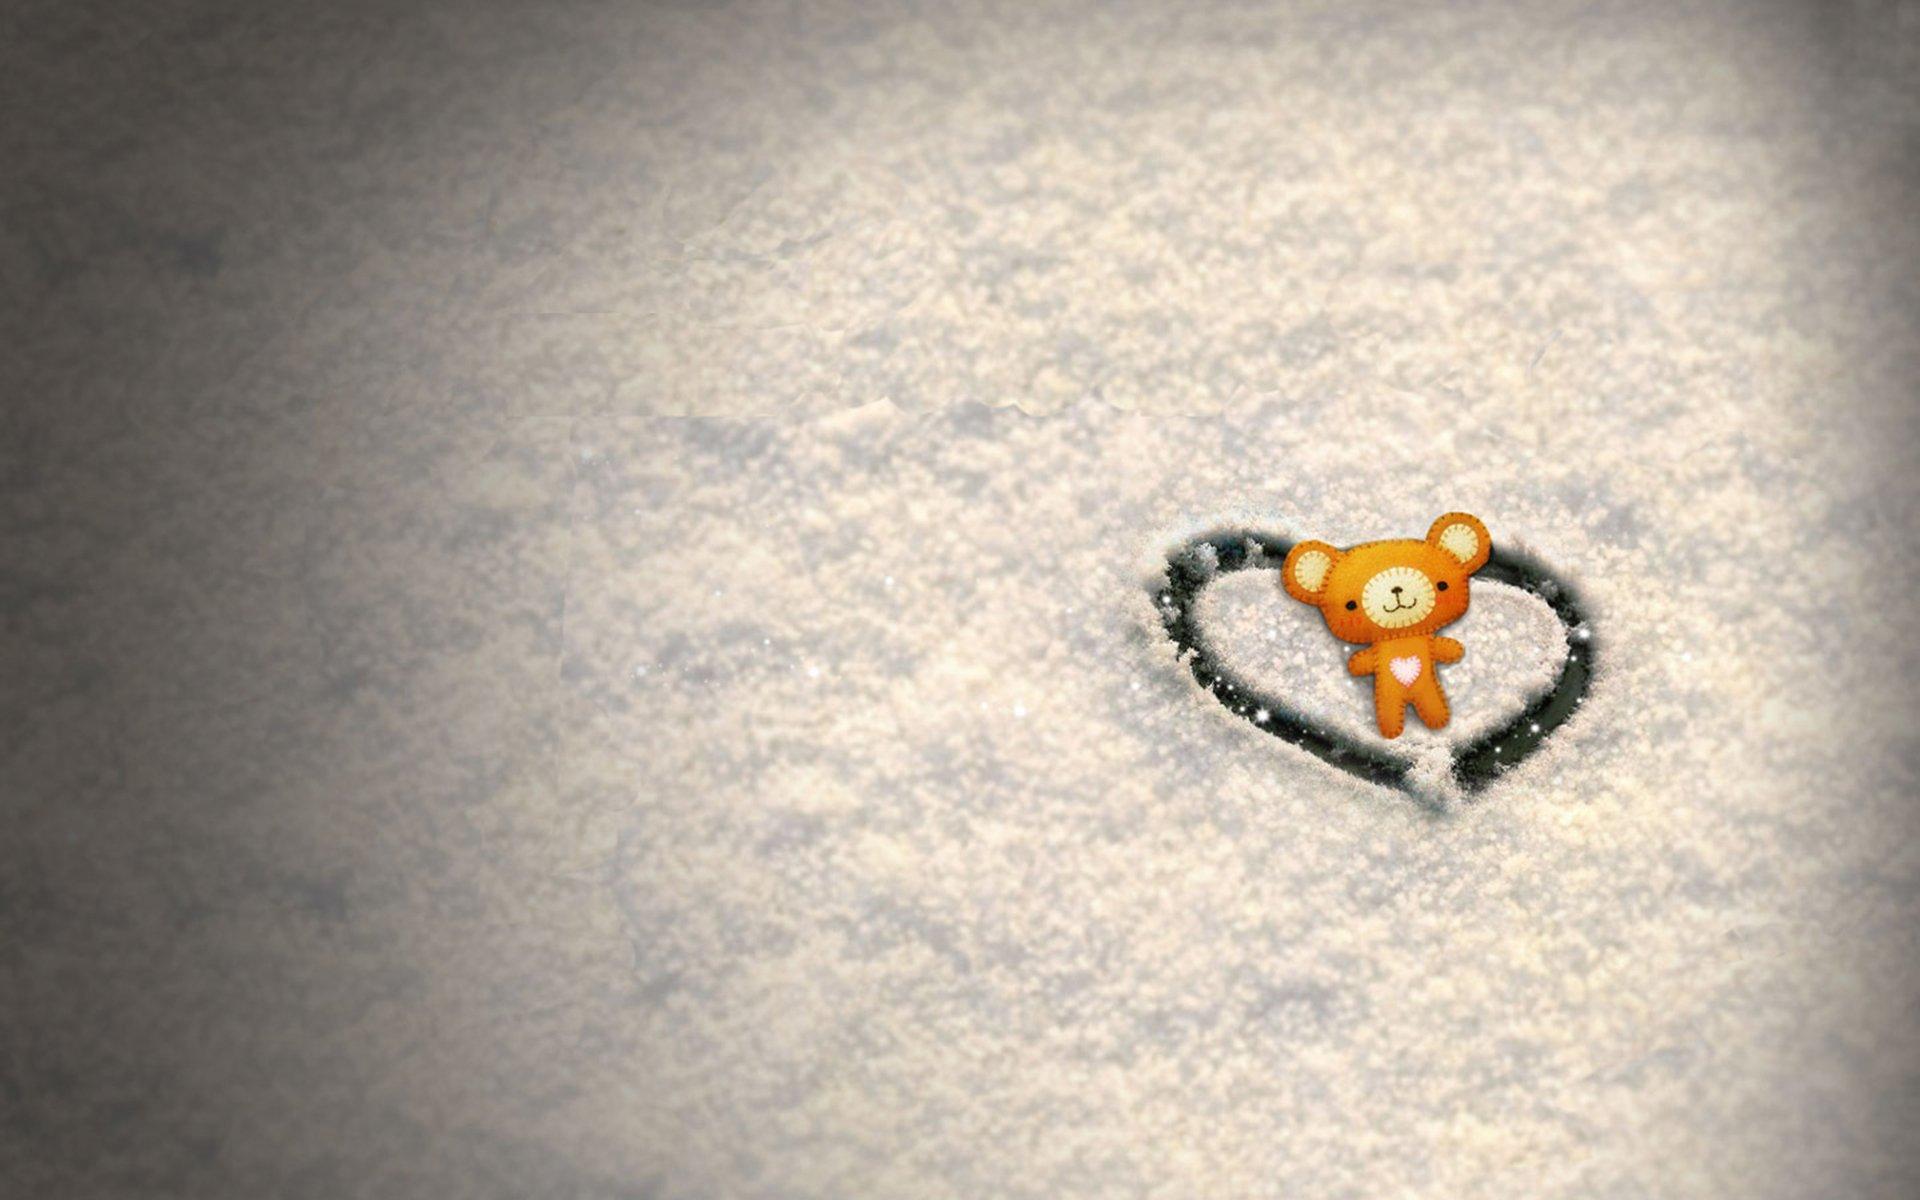 爱情美图,心动创意,爱情小熊,可爱